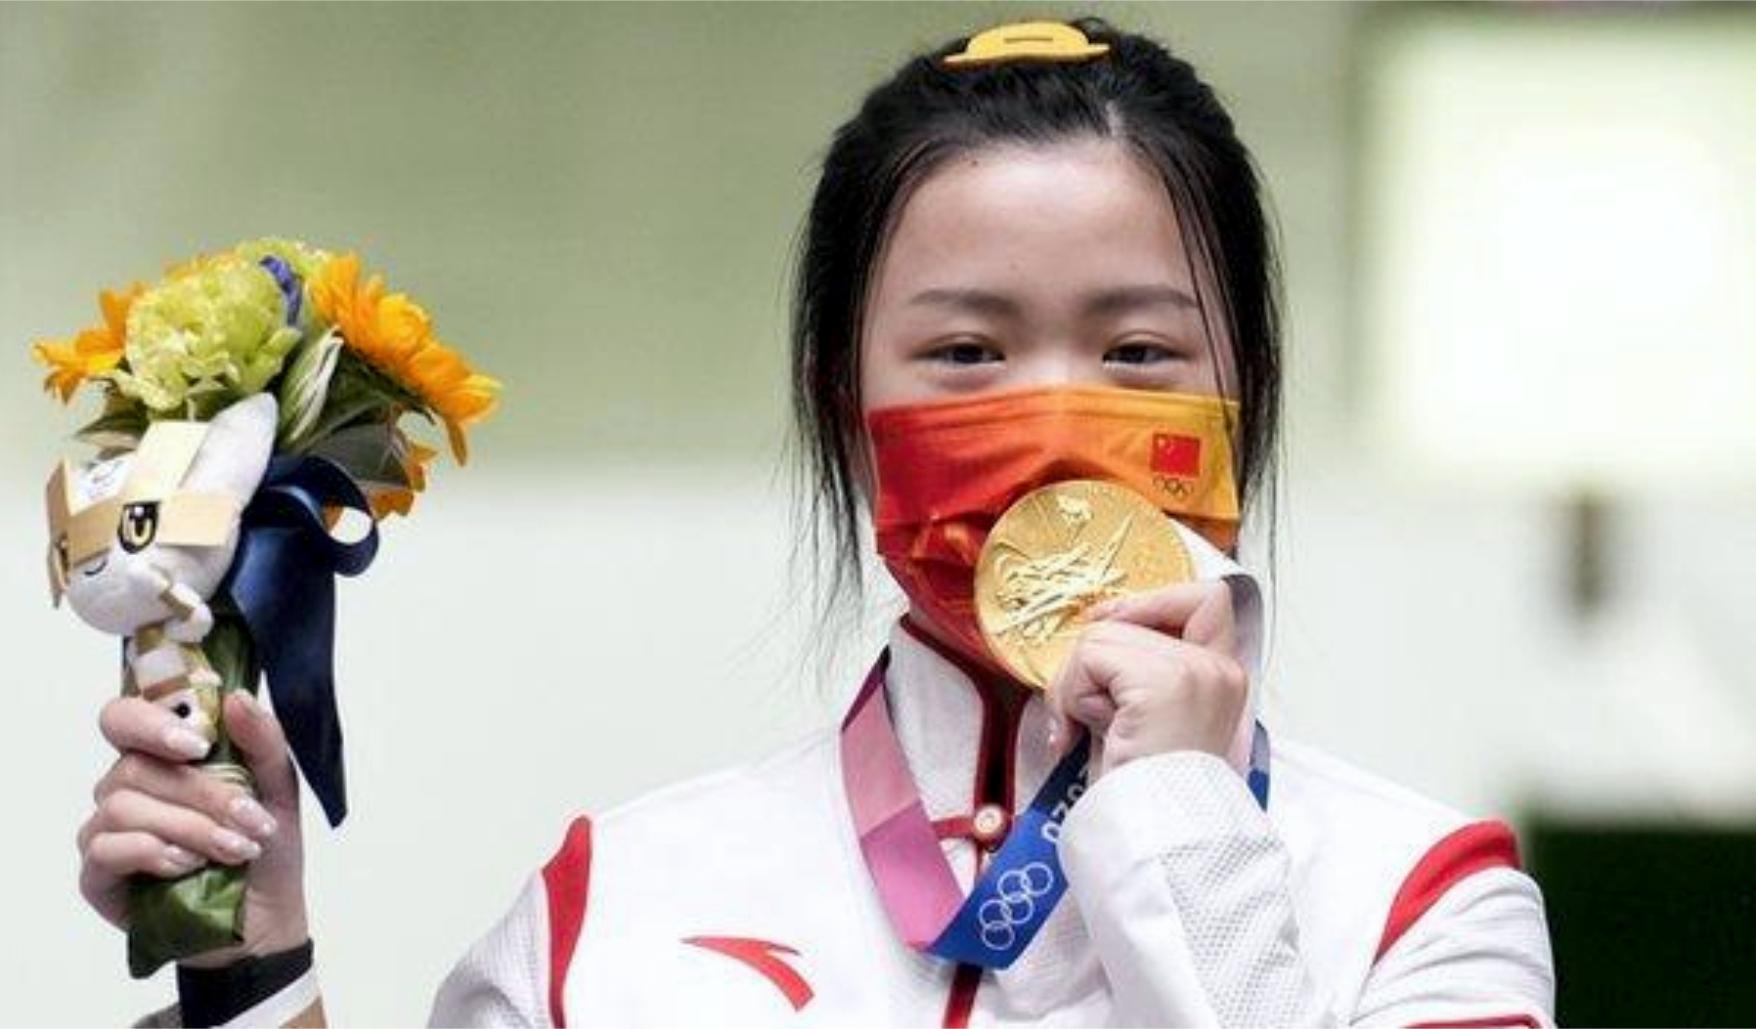 टोकियो ओलम्पिक : पदक तालिकामा चीनको अग्रता कायमै